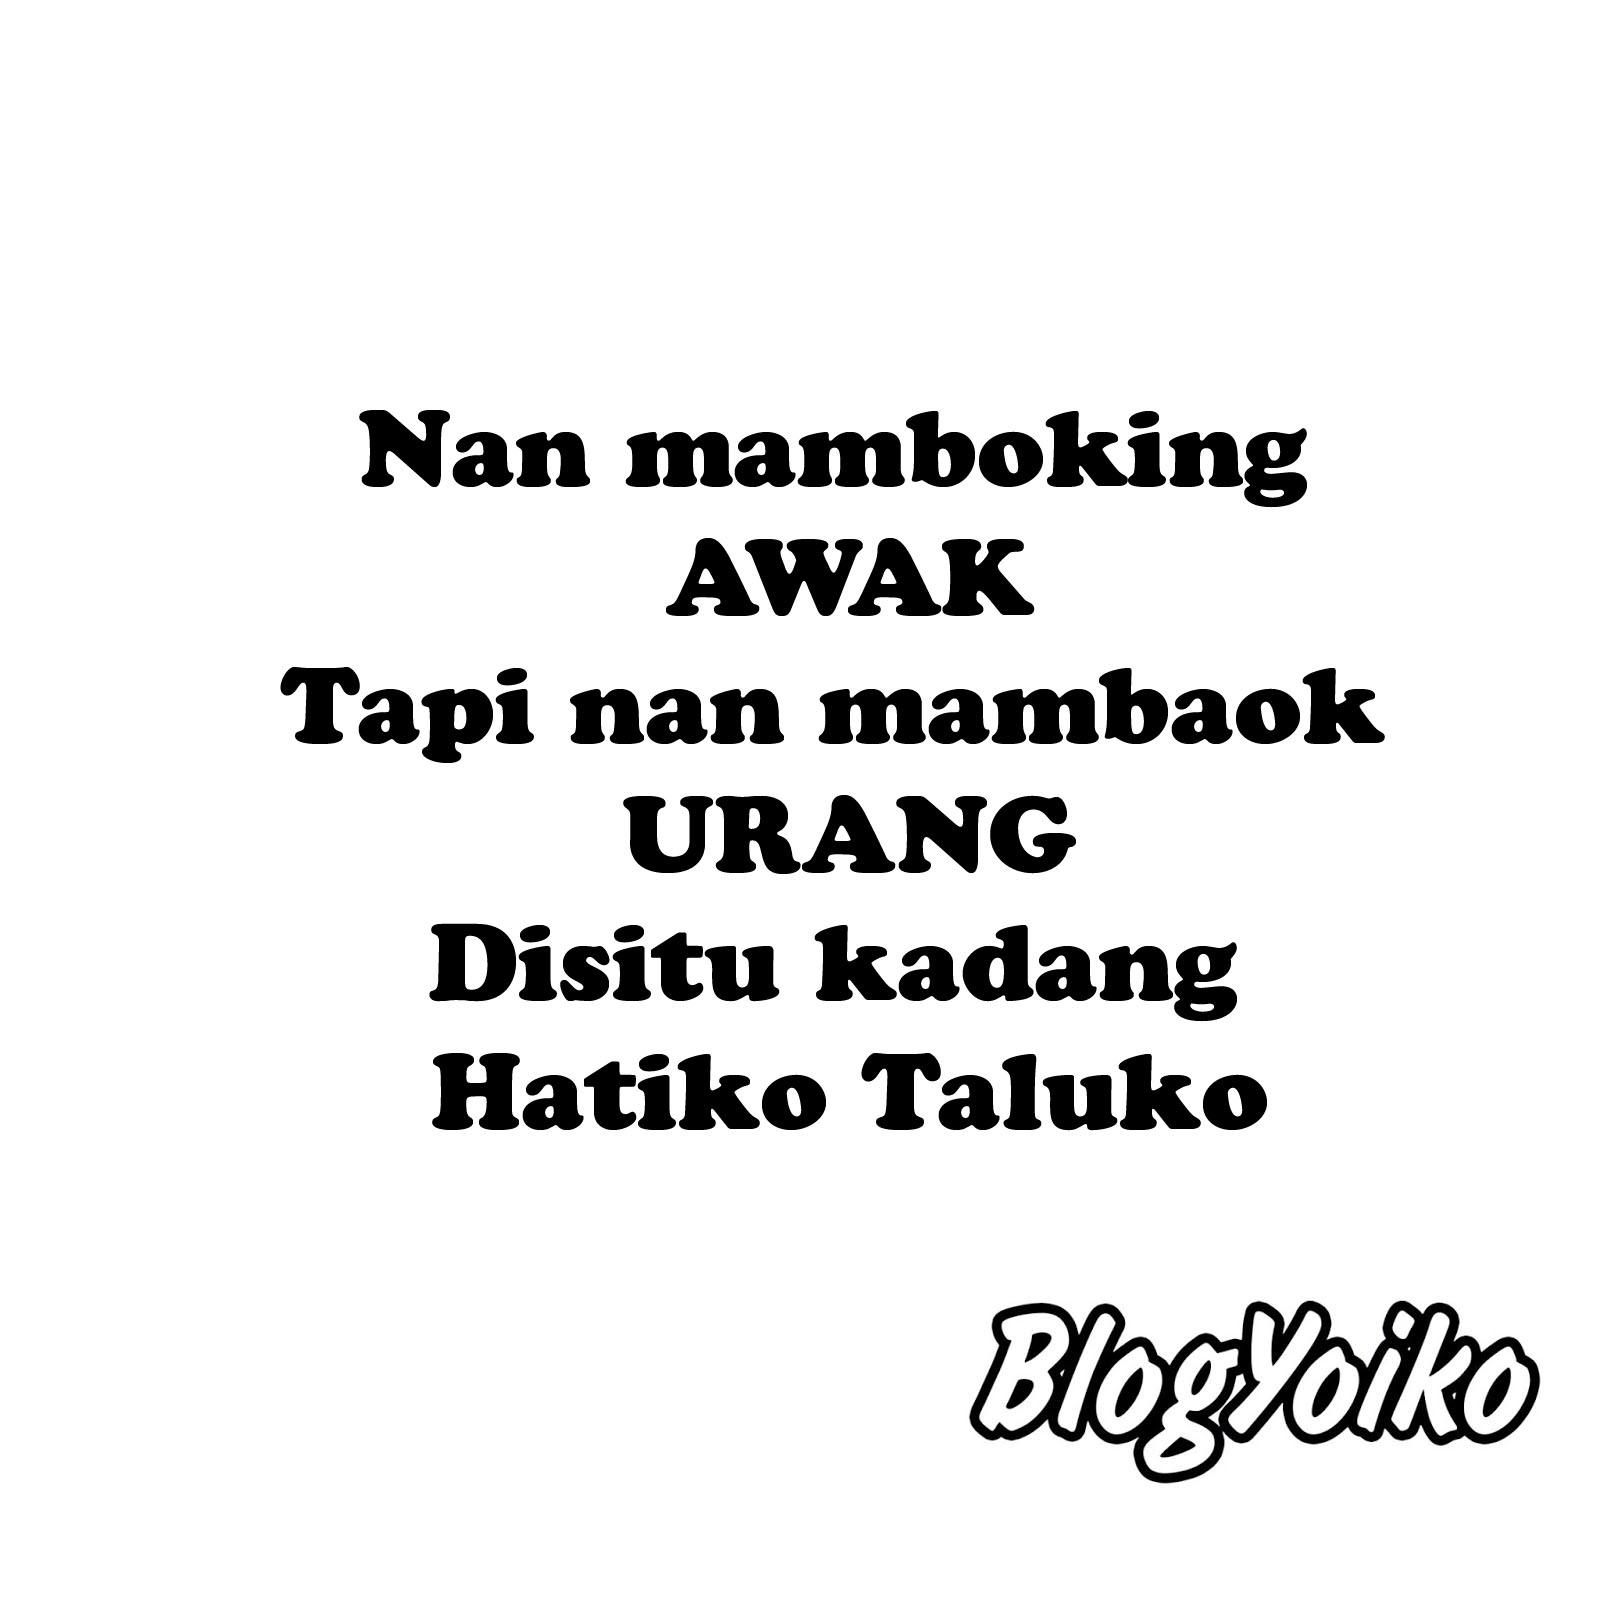 DP BBM Gambar Kata Lucu Bahasa Minang Blogyoikocom